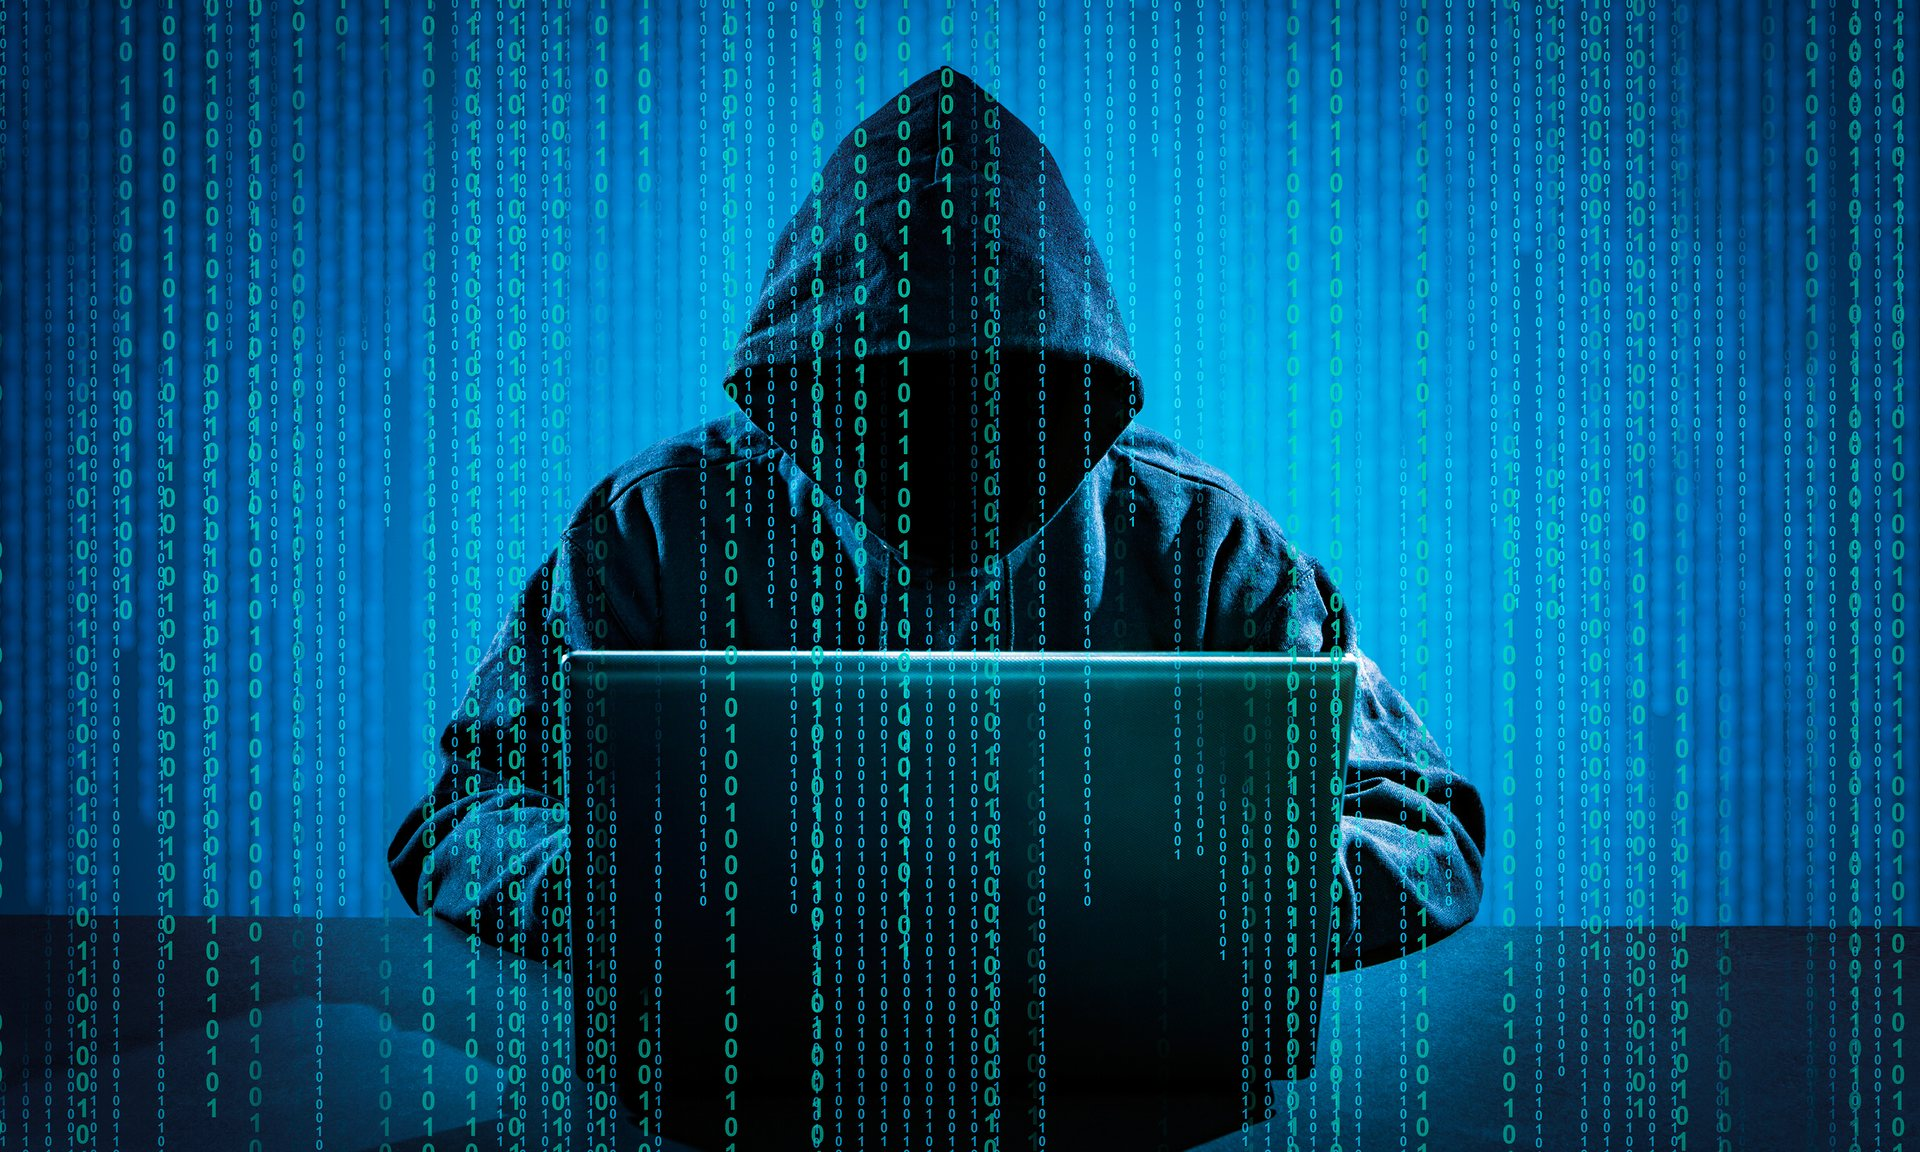 СРОЧНО! Киевское метро и аэропорт атакуют хакеры! Будьте аккуратны! Первые подробности